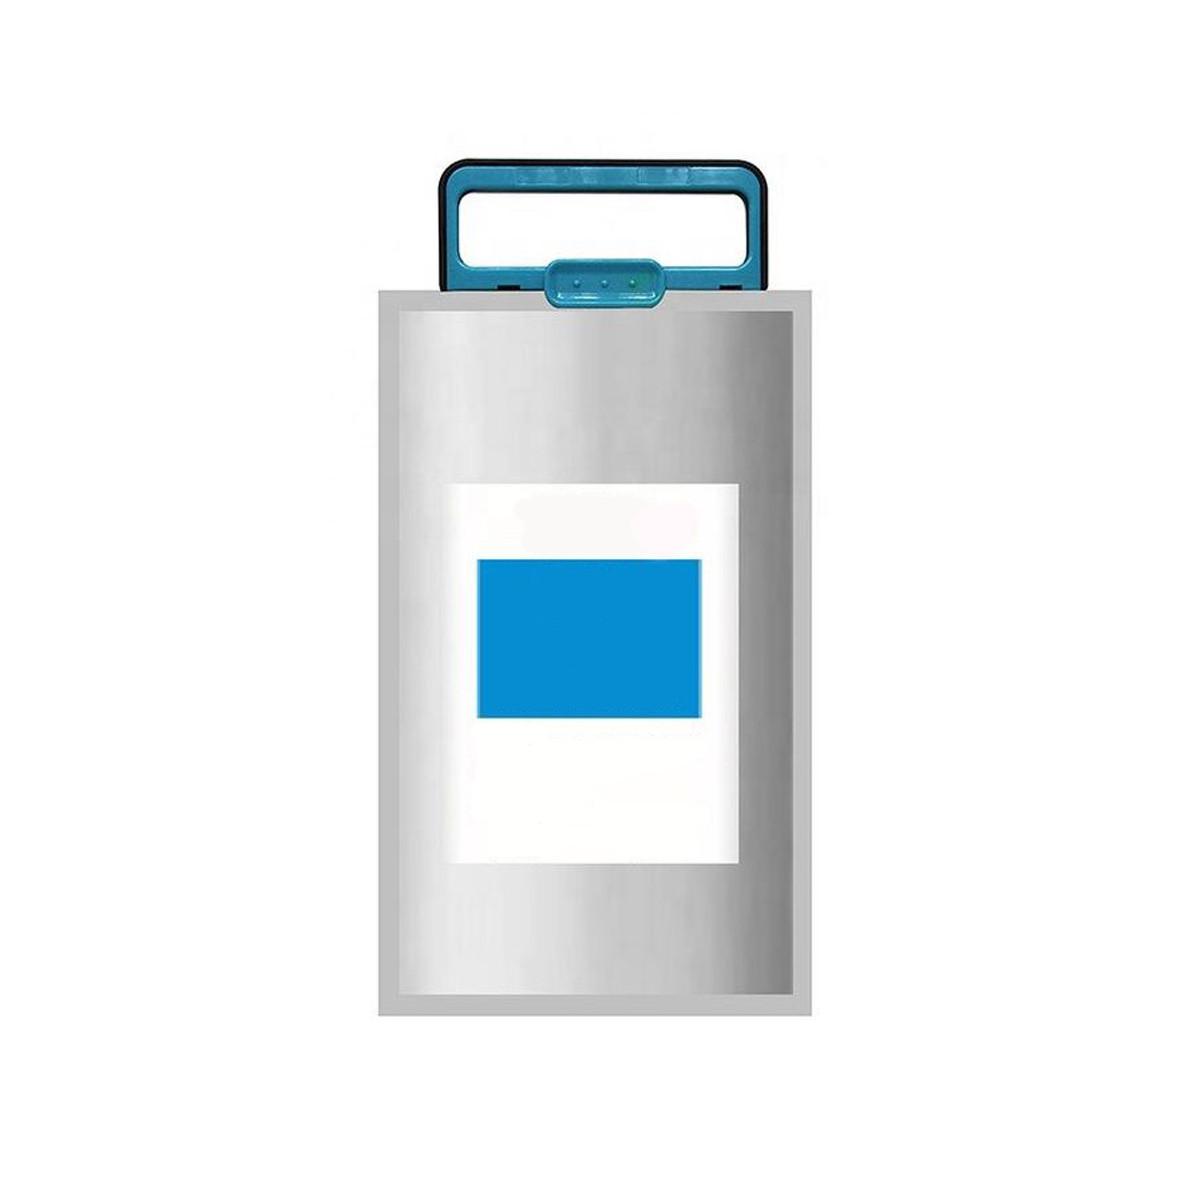 Tinta Compatível com Epson Ink Bag Ciano   WF-C869 WF-C860   22k